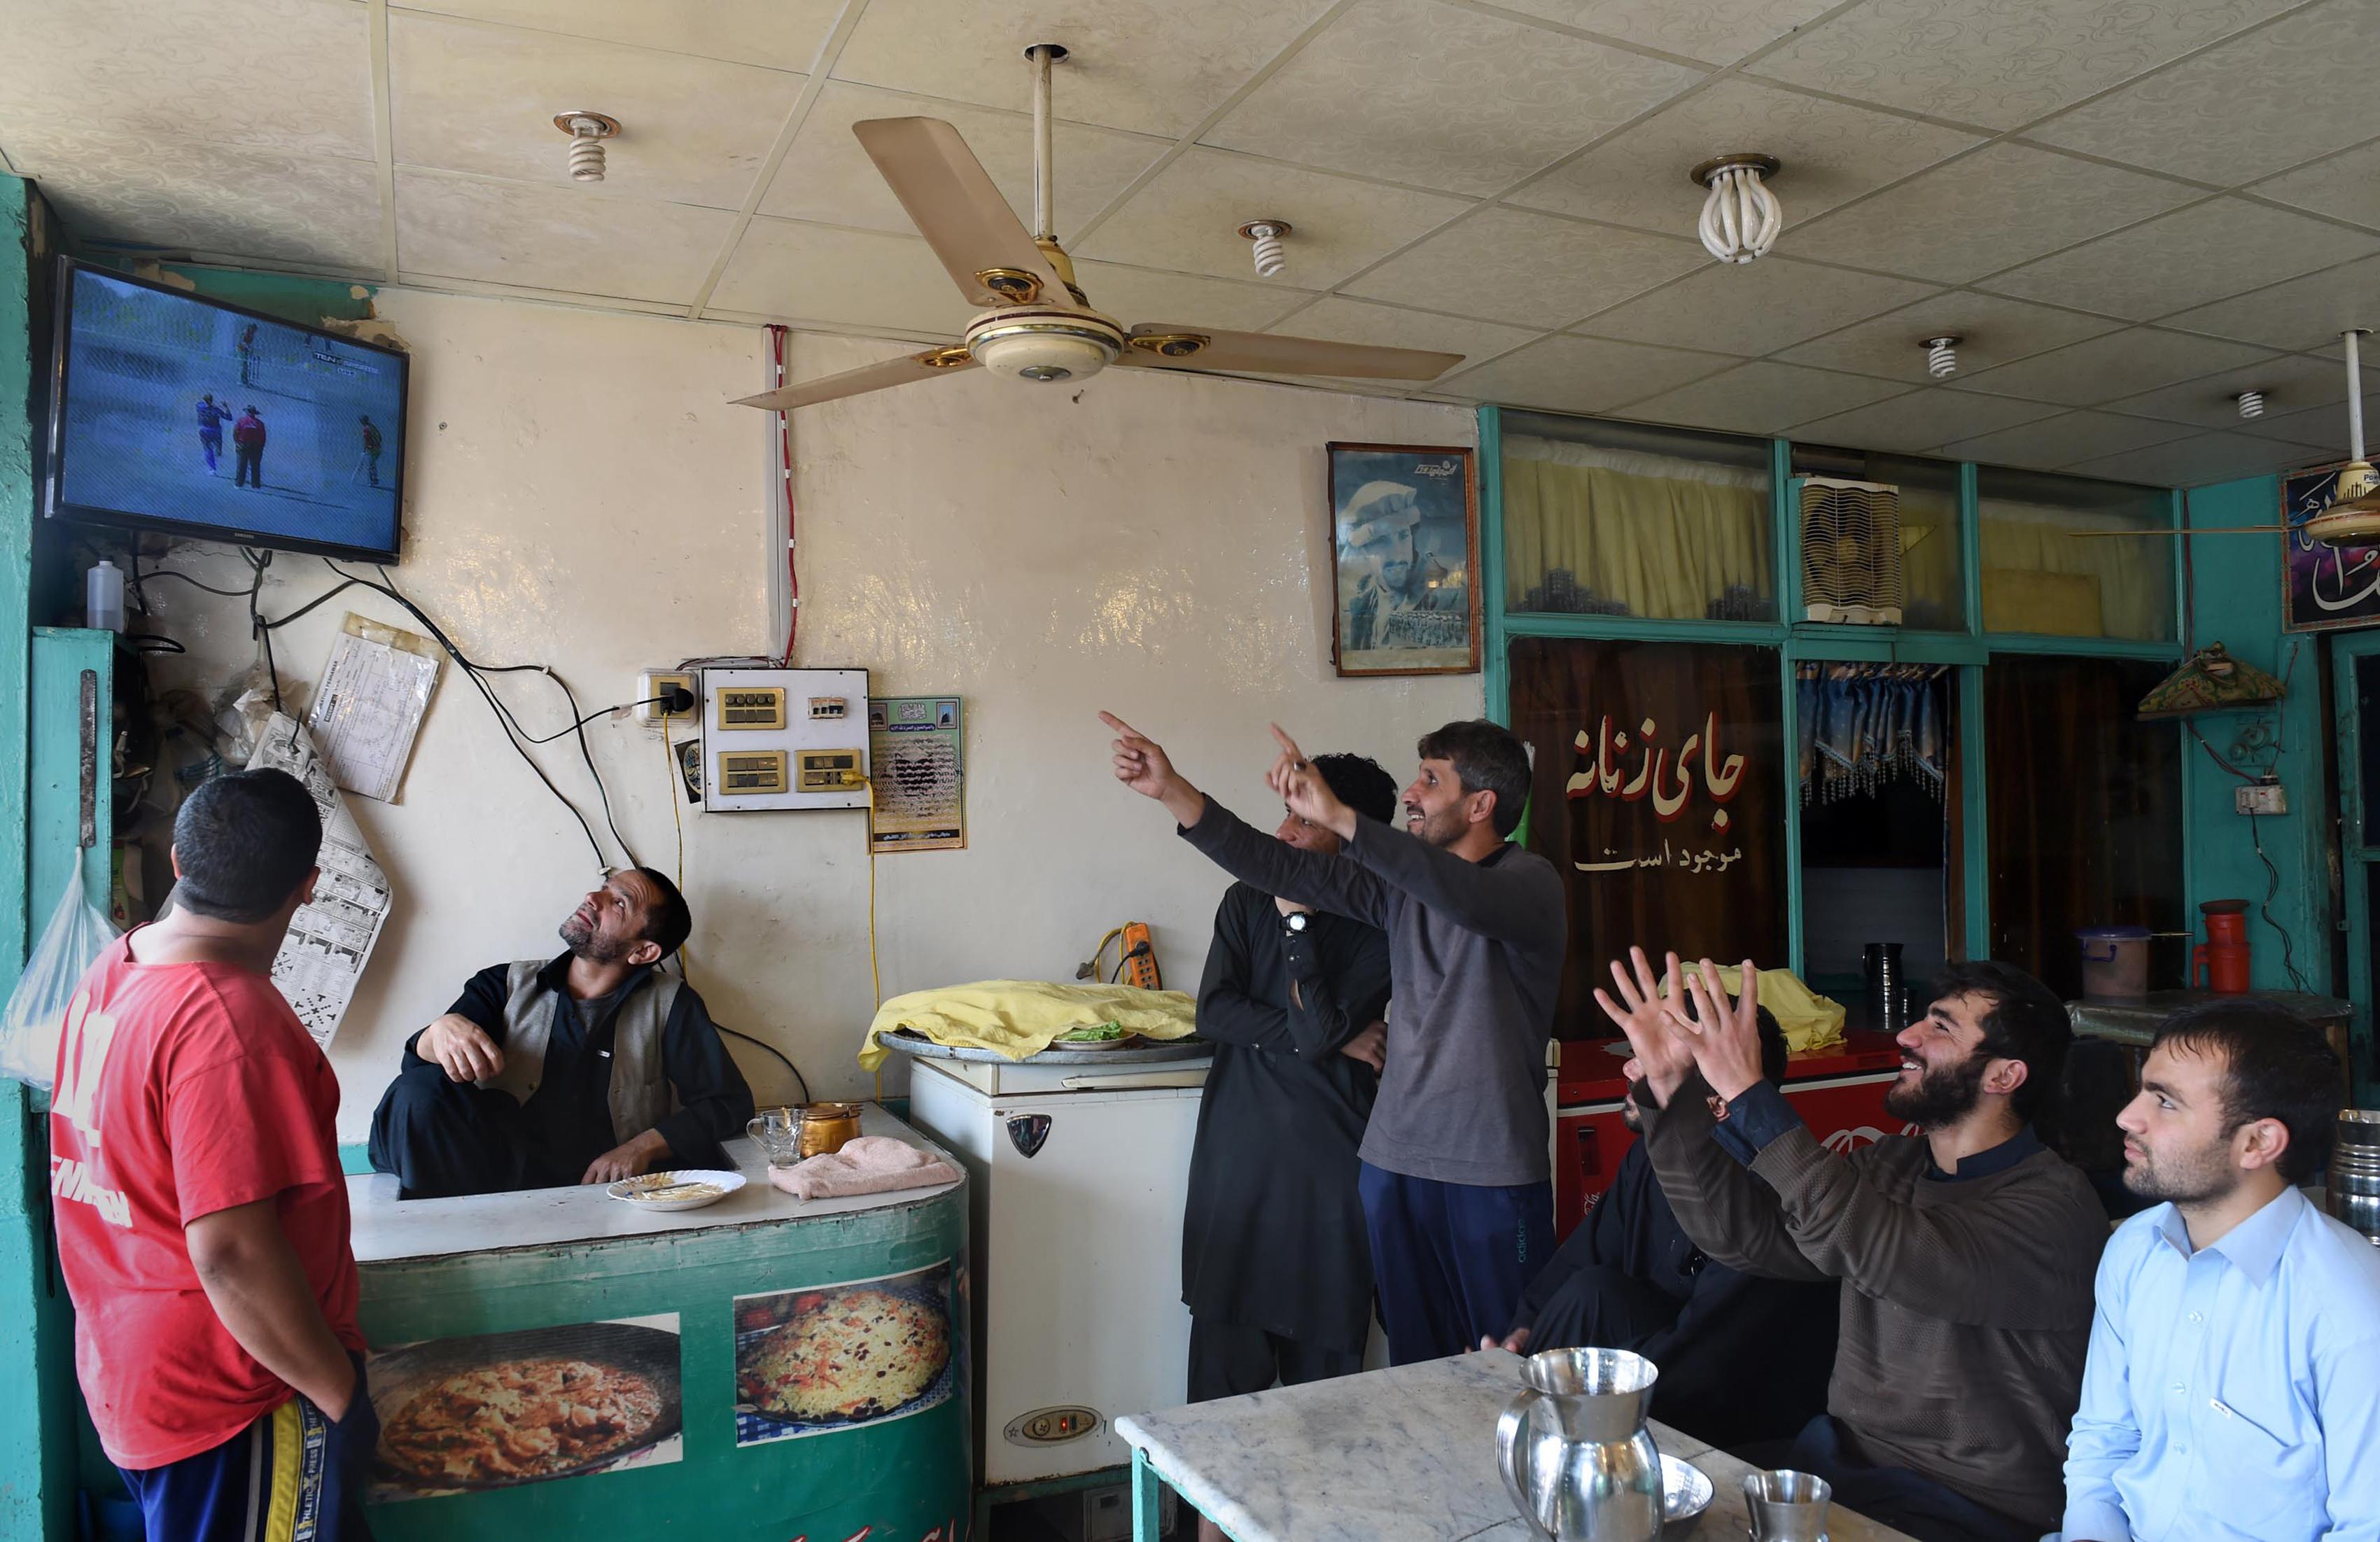 نسبتاً پُرامن پشاور میں ریستوران کا کاروبار پھل پھول رہا ہے